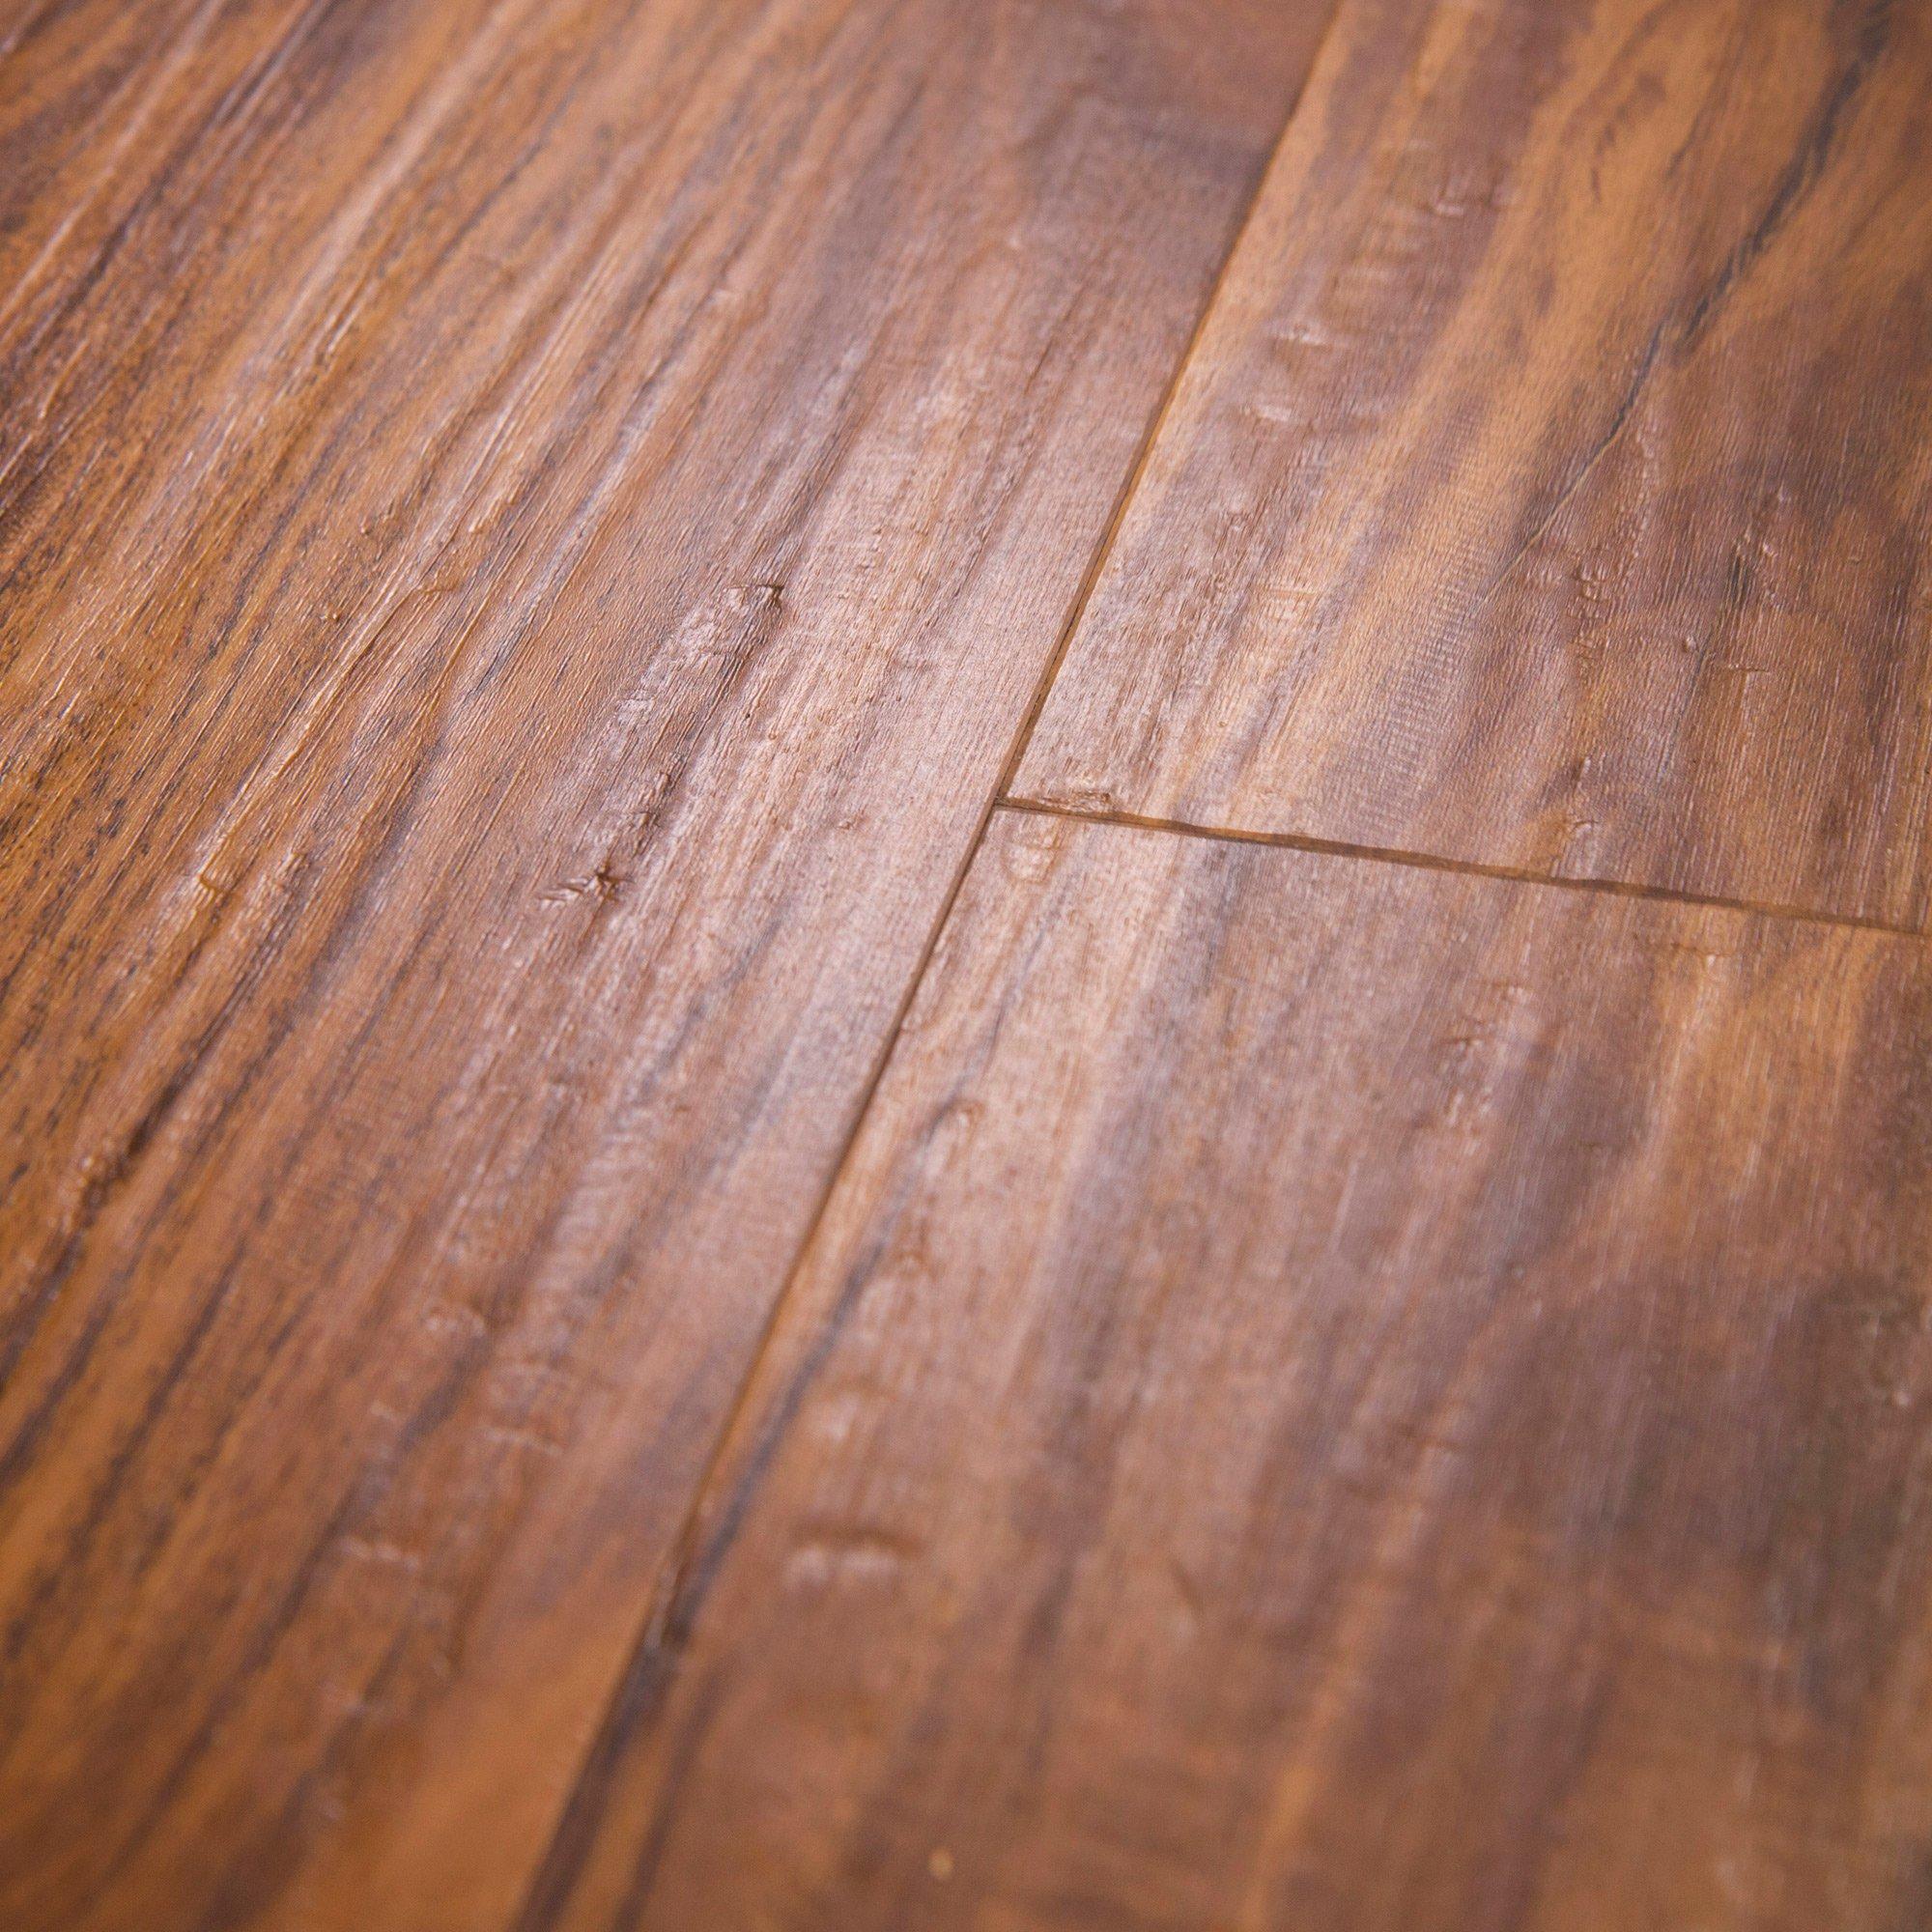 Cali Vinyl Pro Pet Proof Flooring, Classic Acacia (23.77 Sq Ft/box), 5.181 Lb